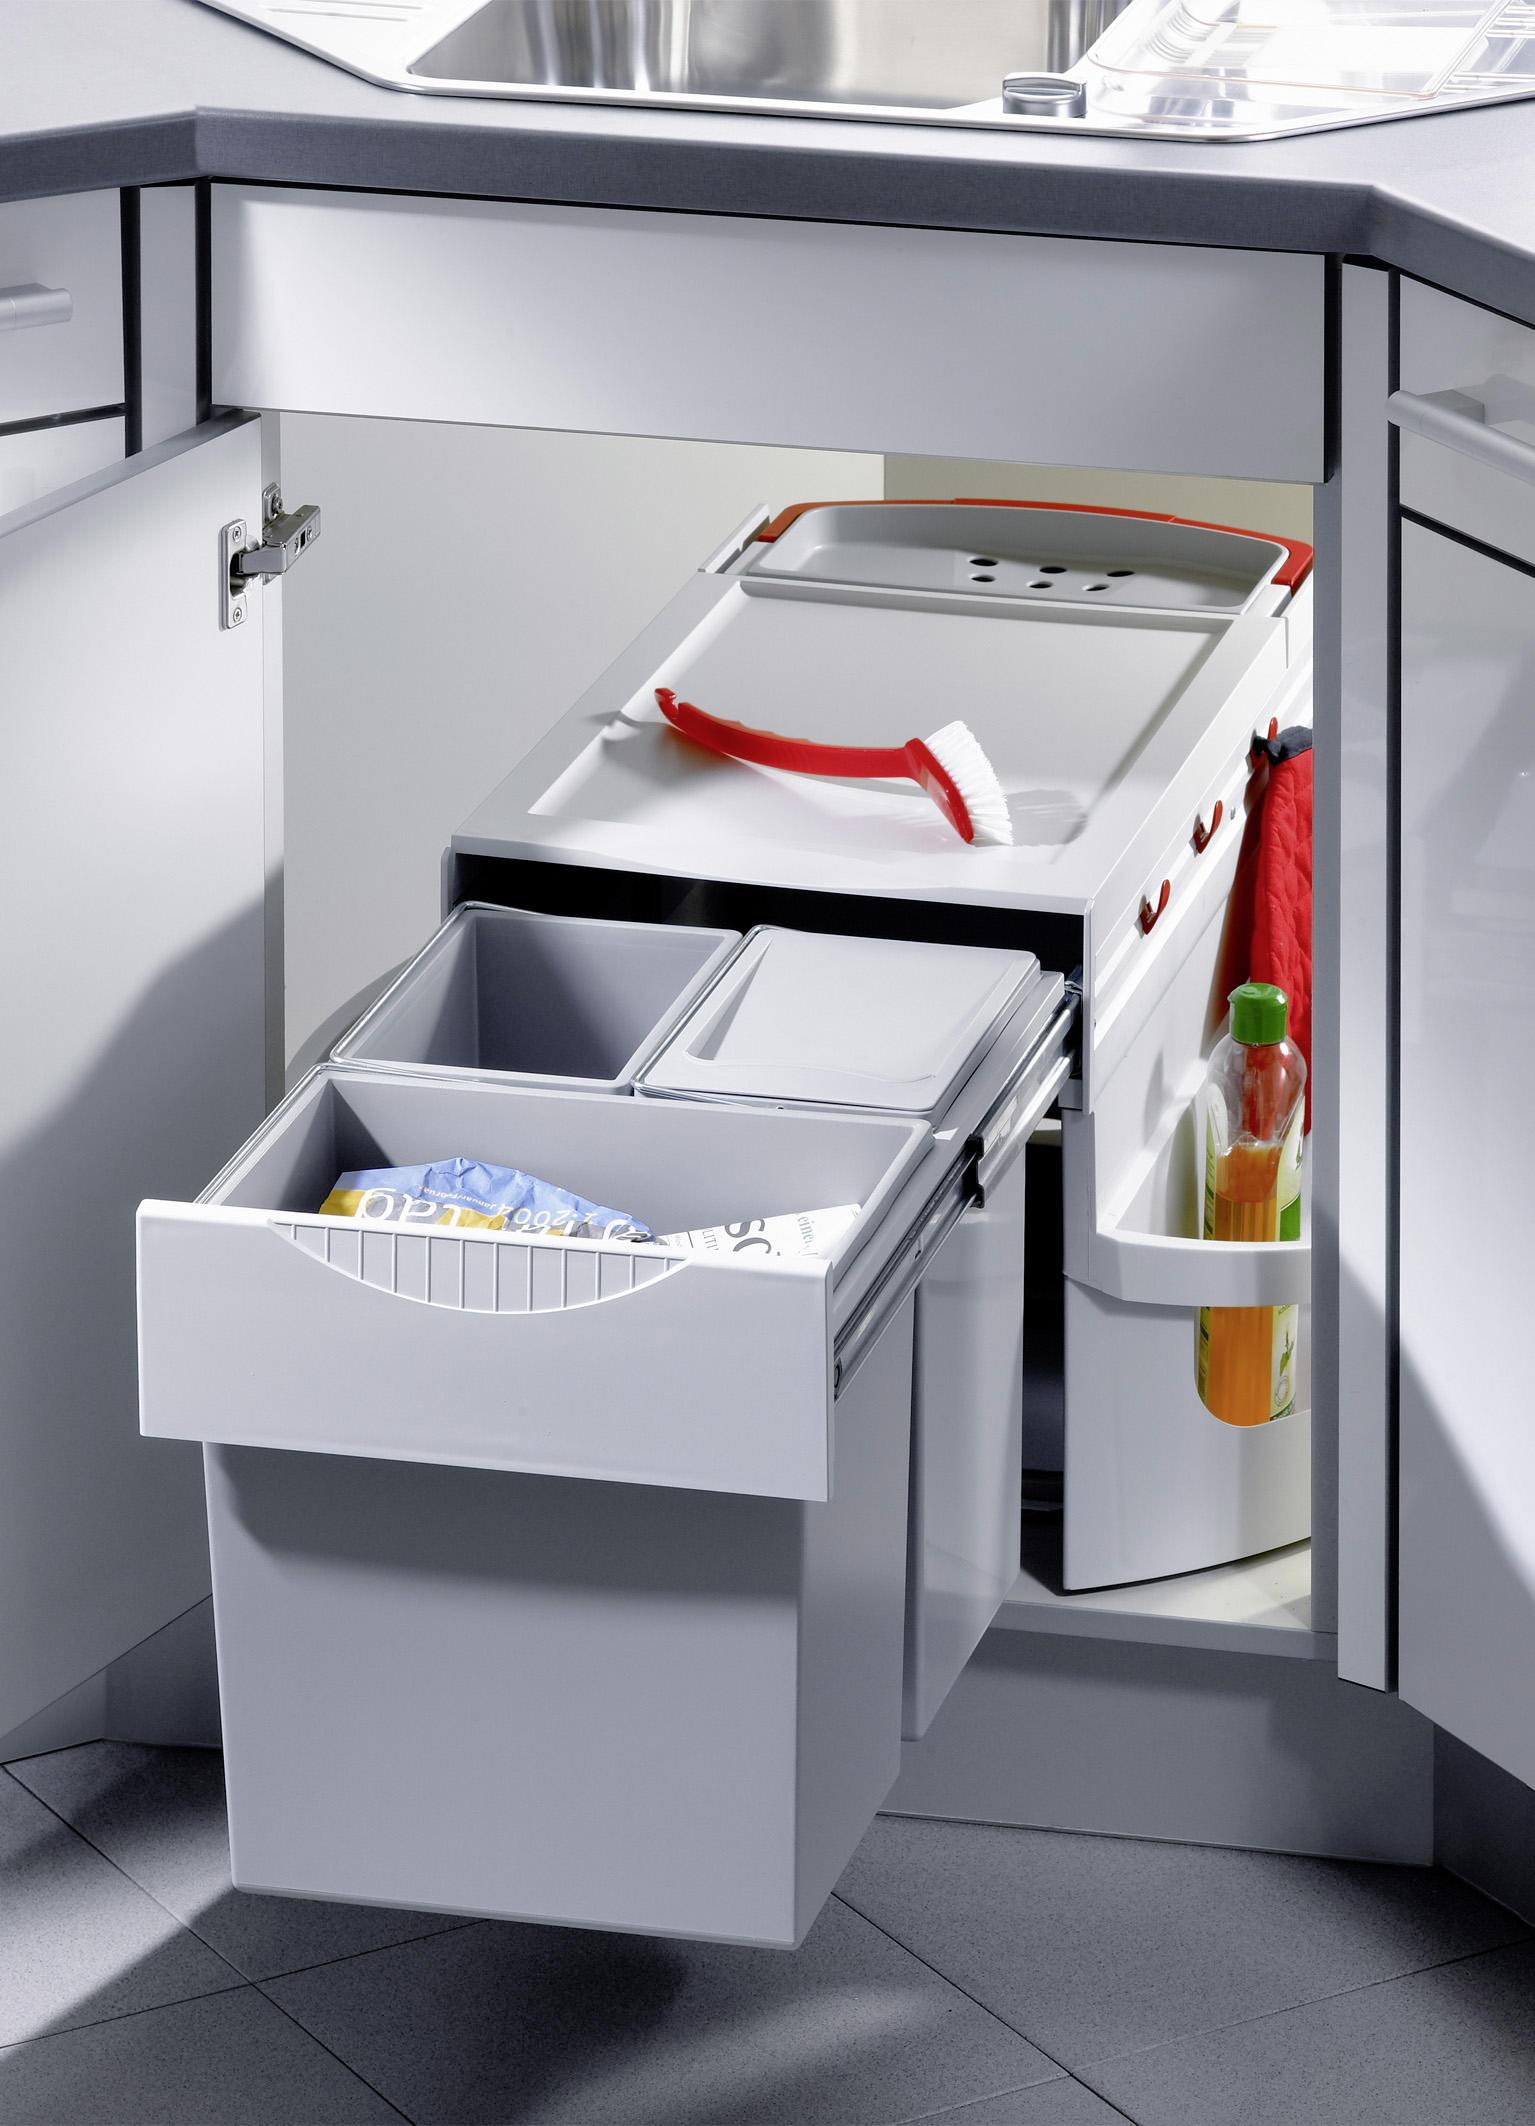 Innovative Abfalltrennsysteme für die Küche - AMK